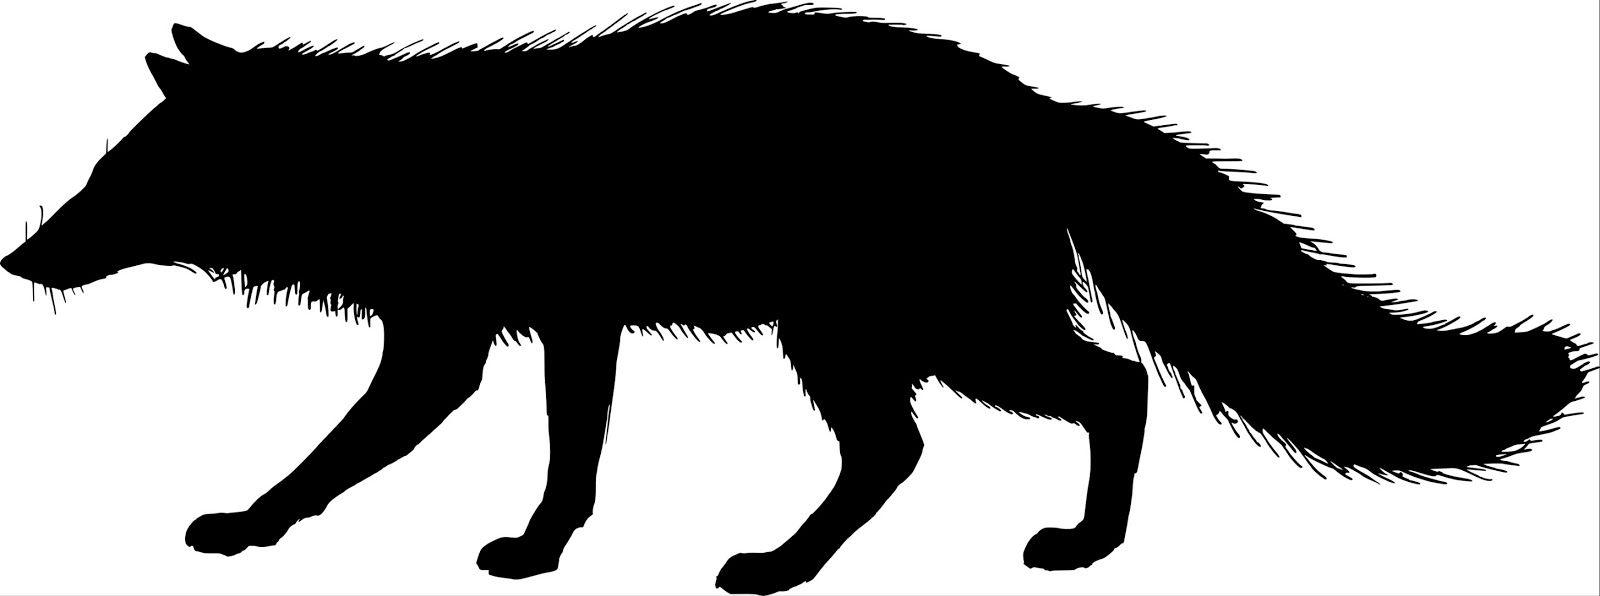 Running Fox Silhouette Clipart Panda Free Clipart Images Fox Silhouette Silhouette Free Clip Art